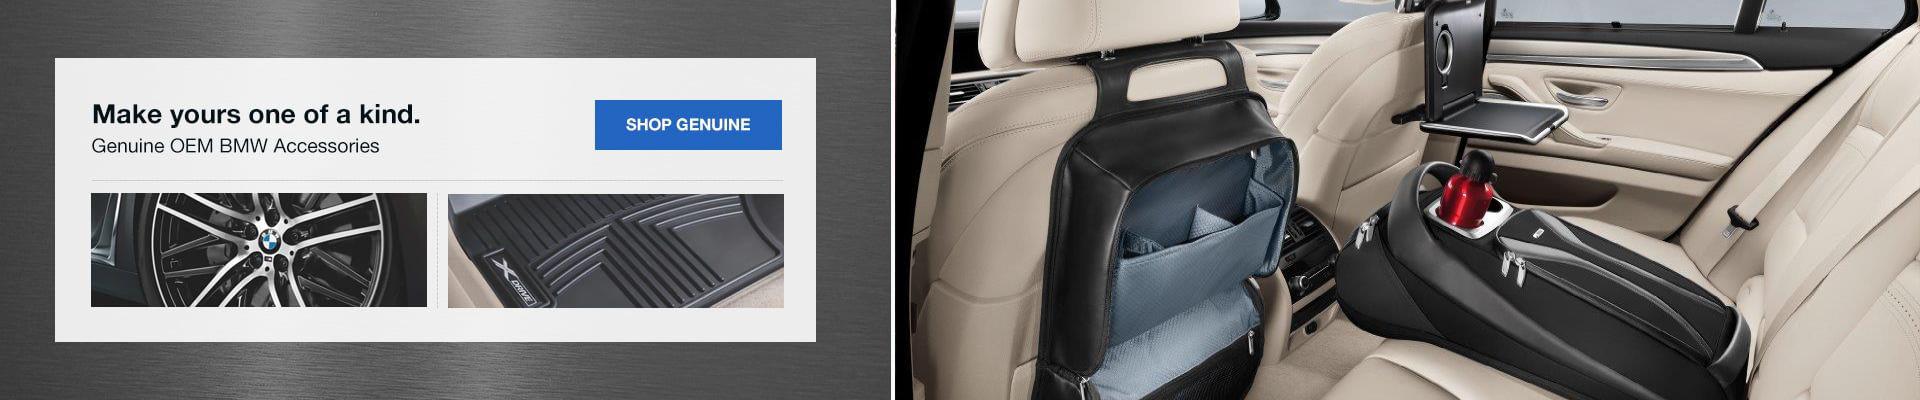 Genuine BMW Parts & Accessories